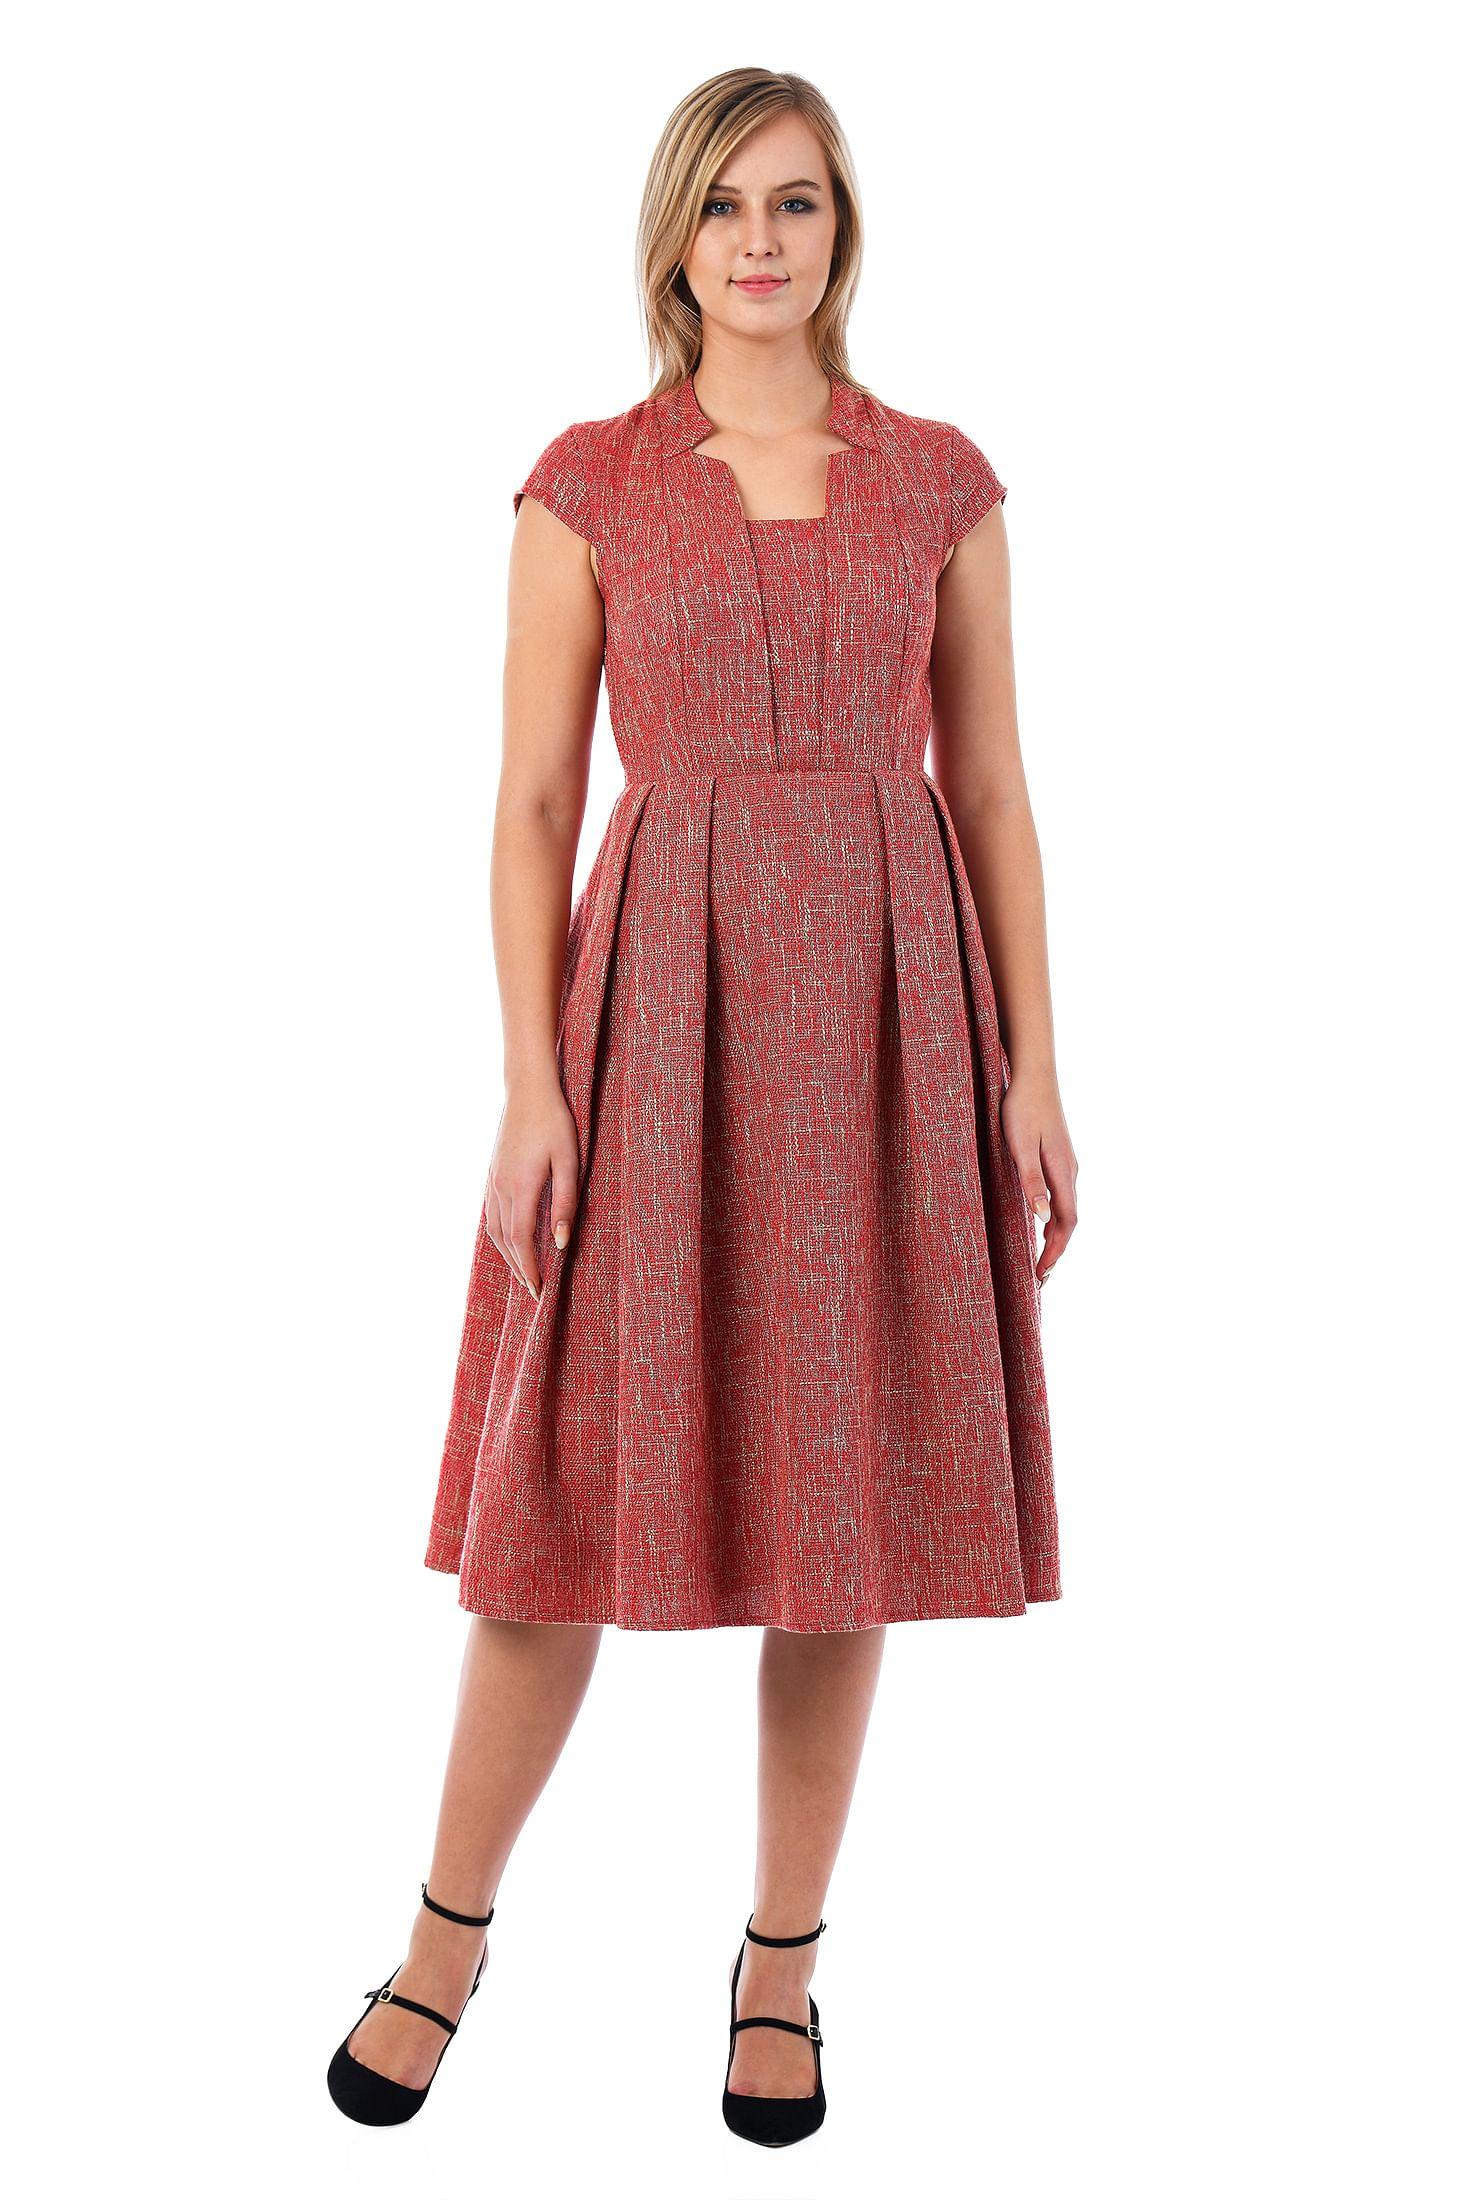 10b8642e6c8 Fit And Flare Full Skirt Dress - Data Dynamic AG